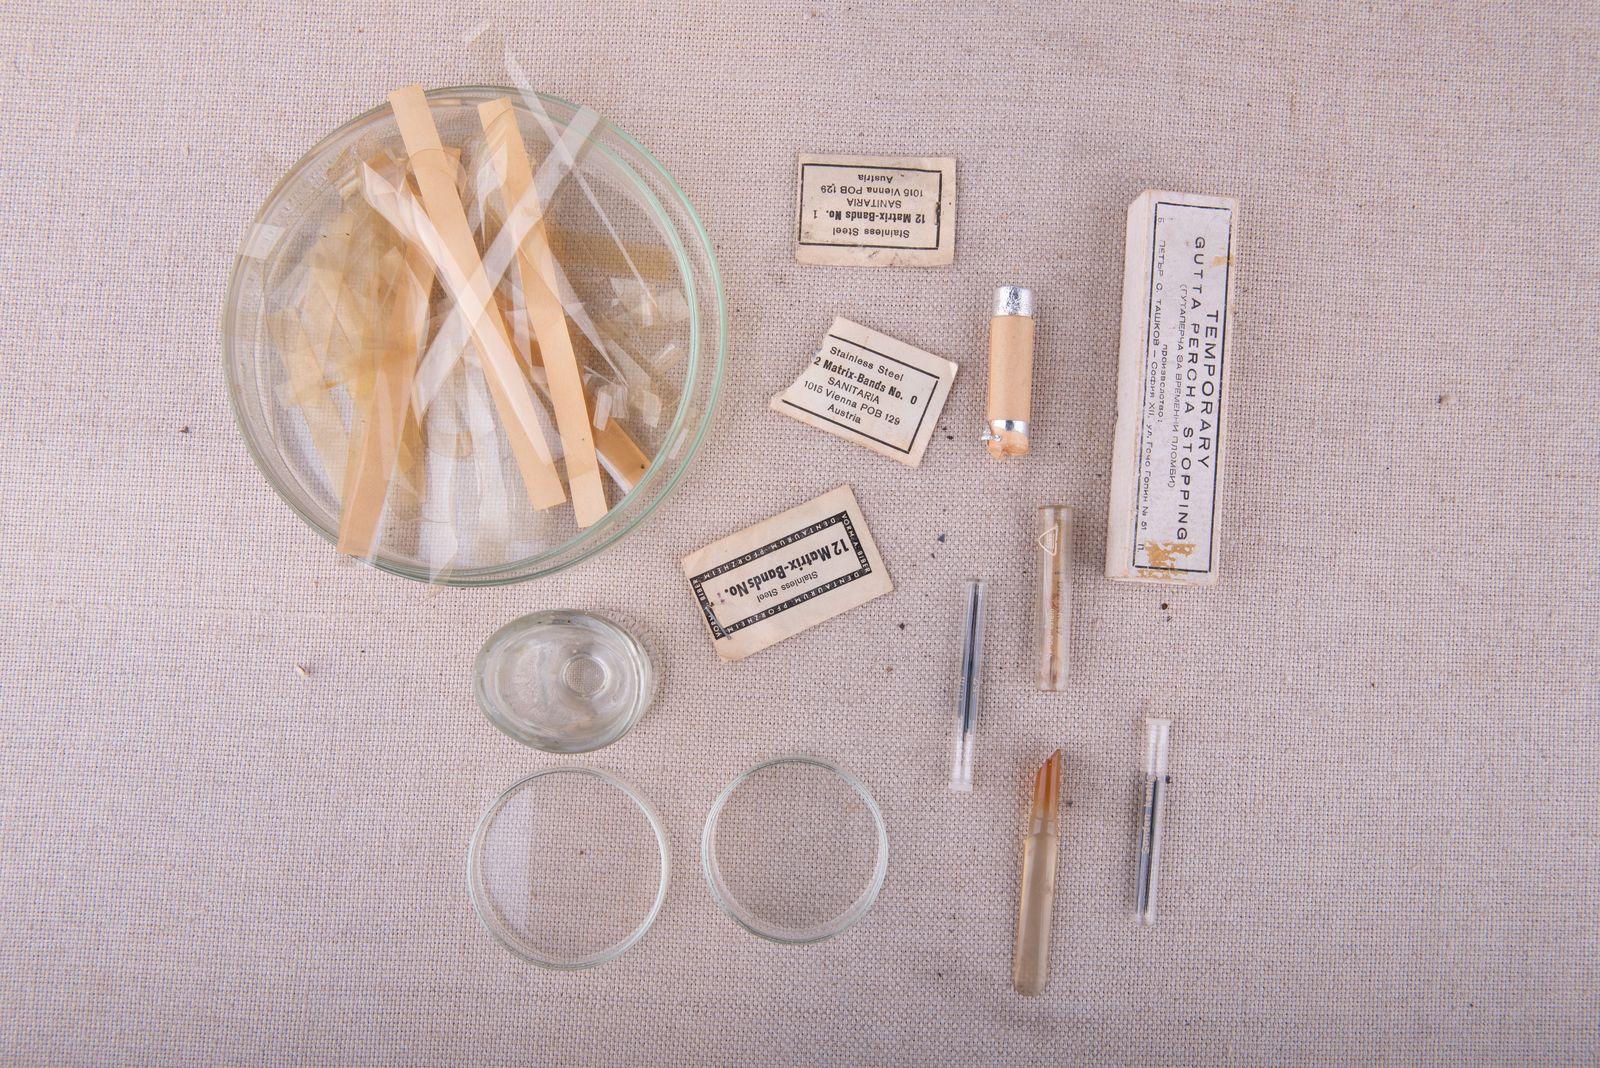 Muzei246_Пособия и консуманиви използвани в клинична лаборатория